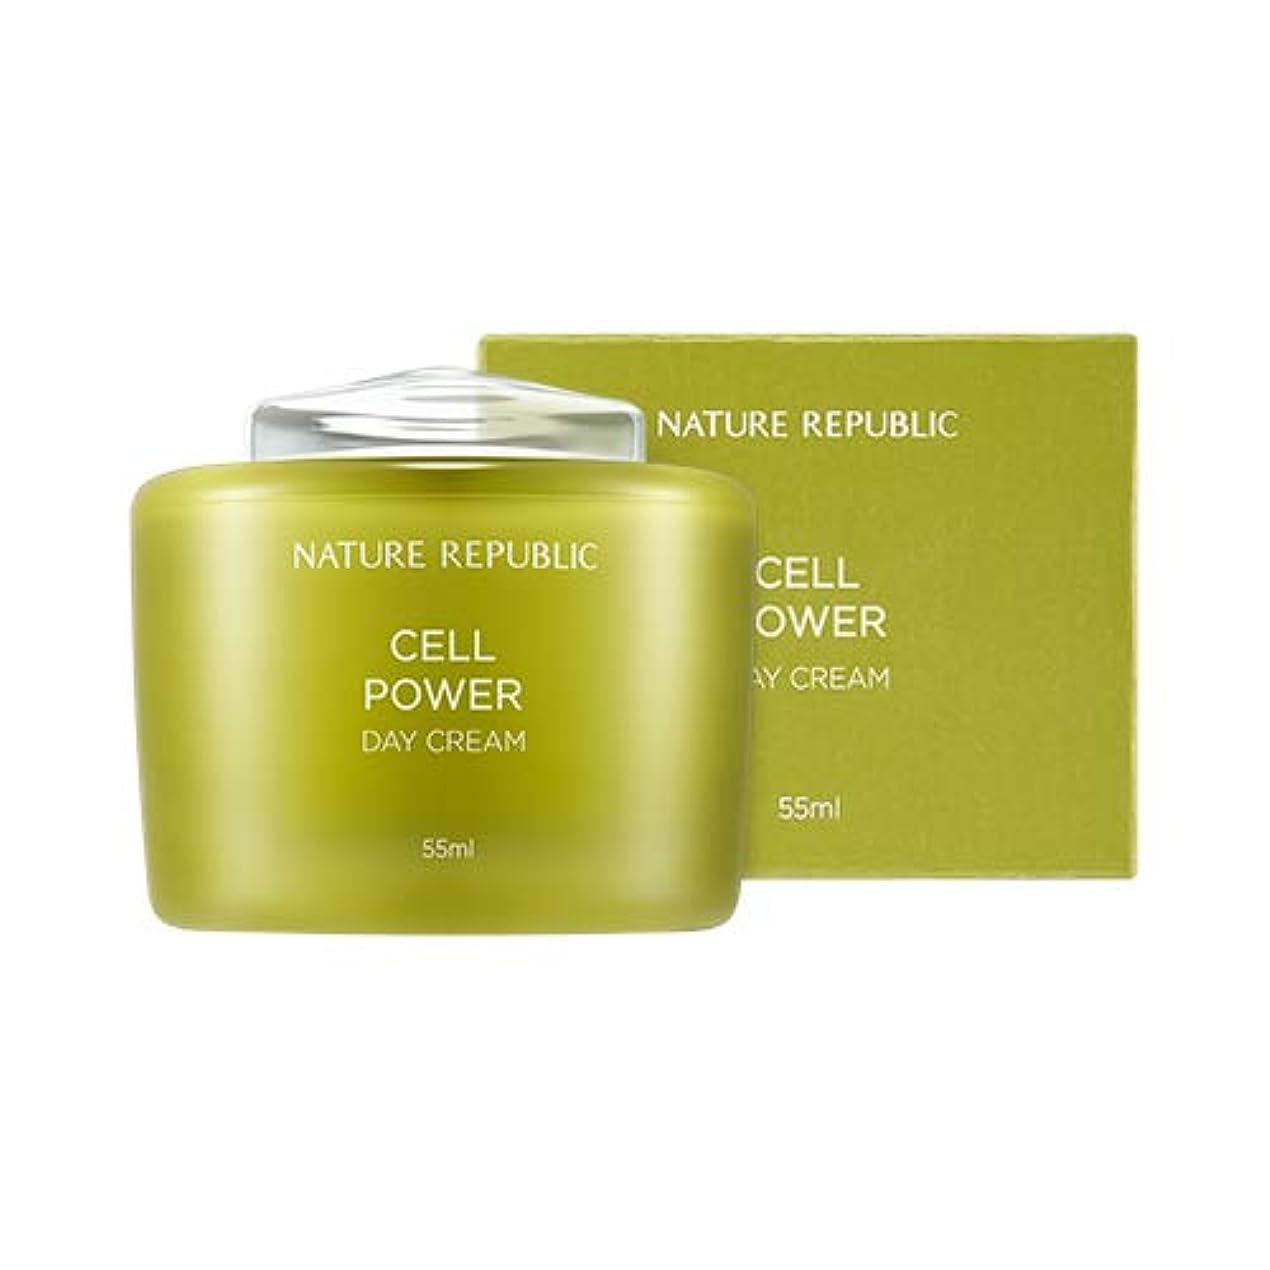 提案する努力アームストロングNATURE REPUBLIC Cell Power Day Cream/ネイチャーリパブリック セルパワー デイクリーム 55ml [並行輸入品]